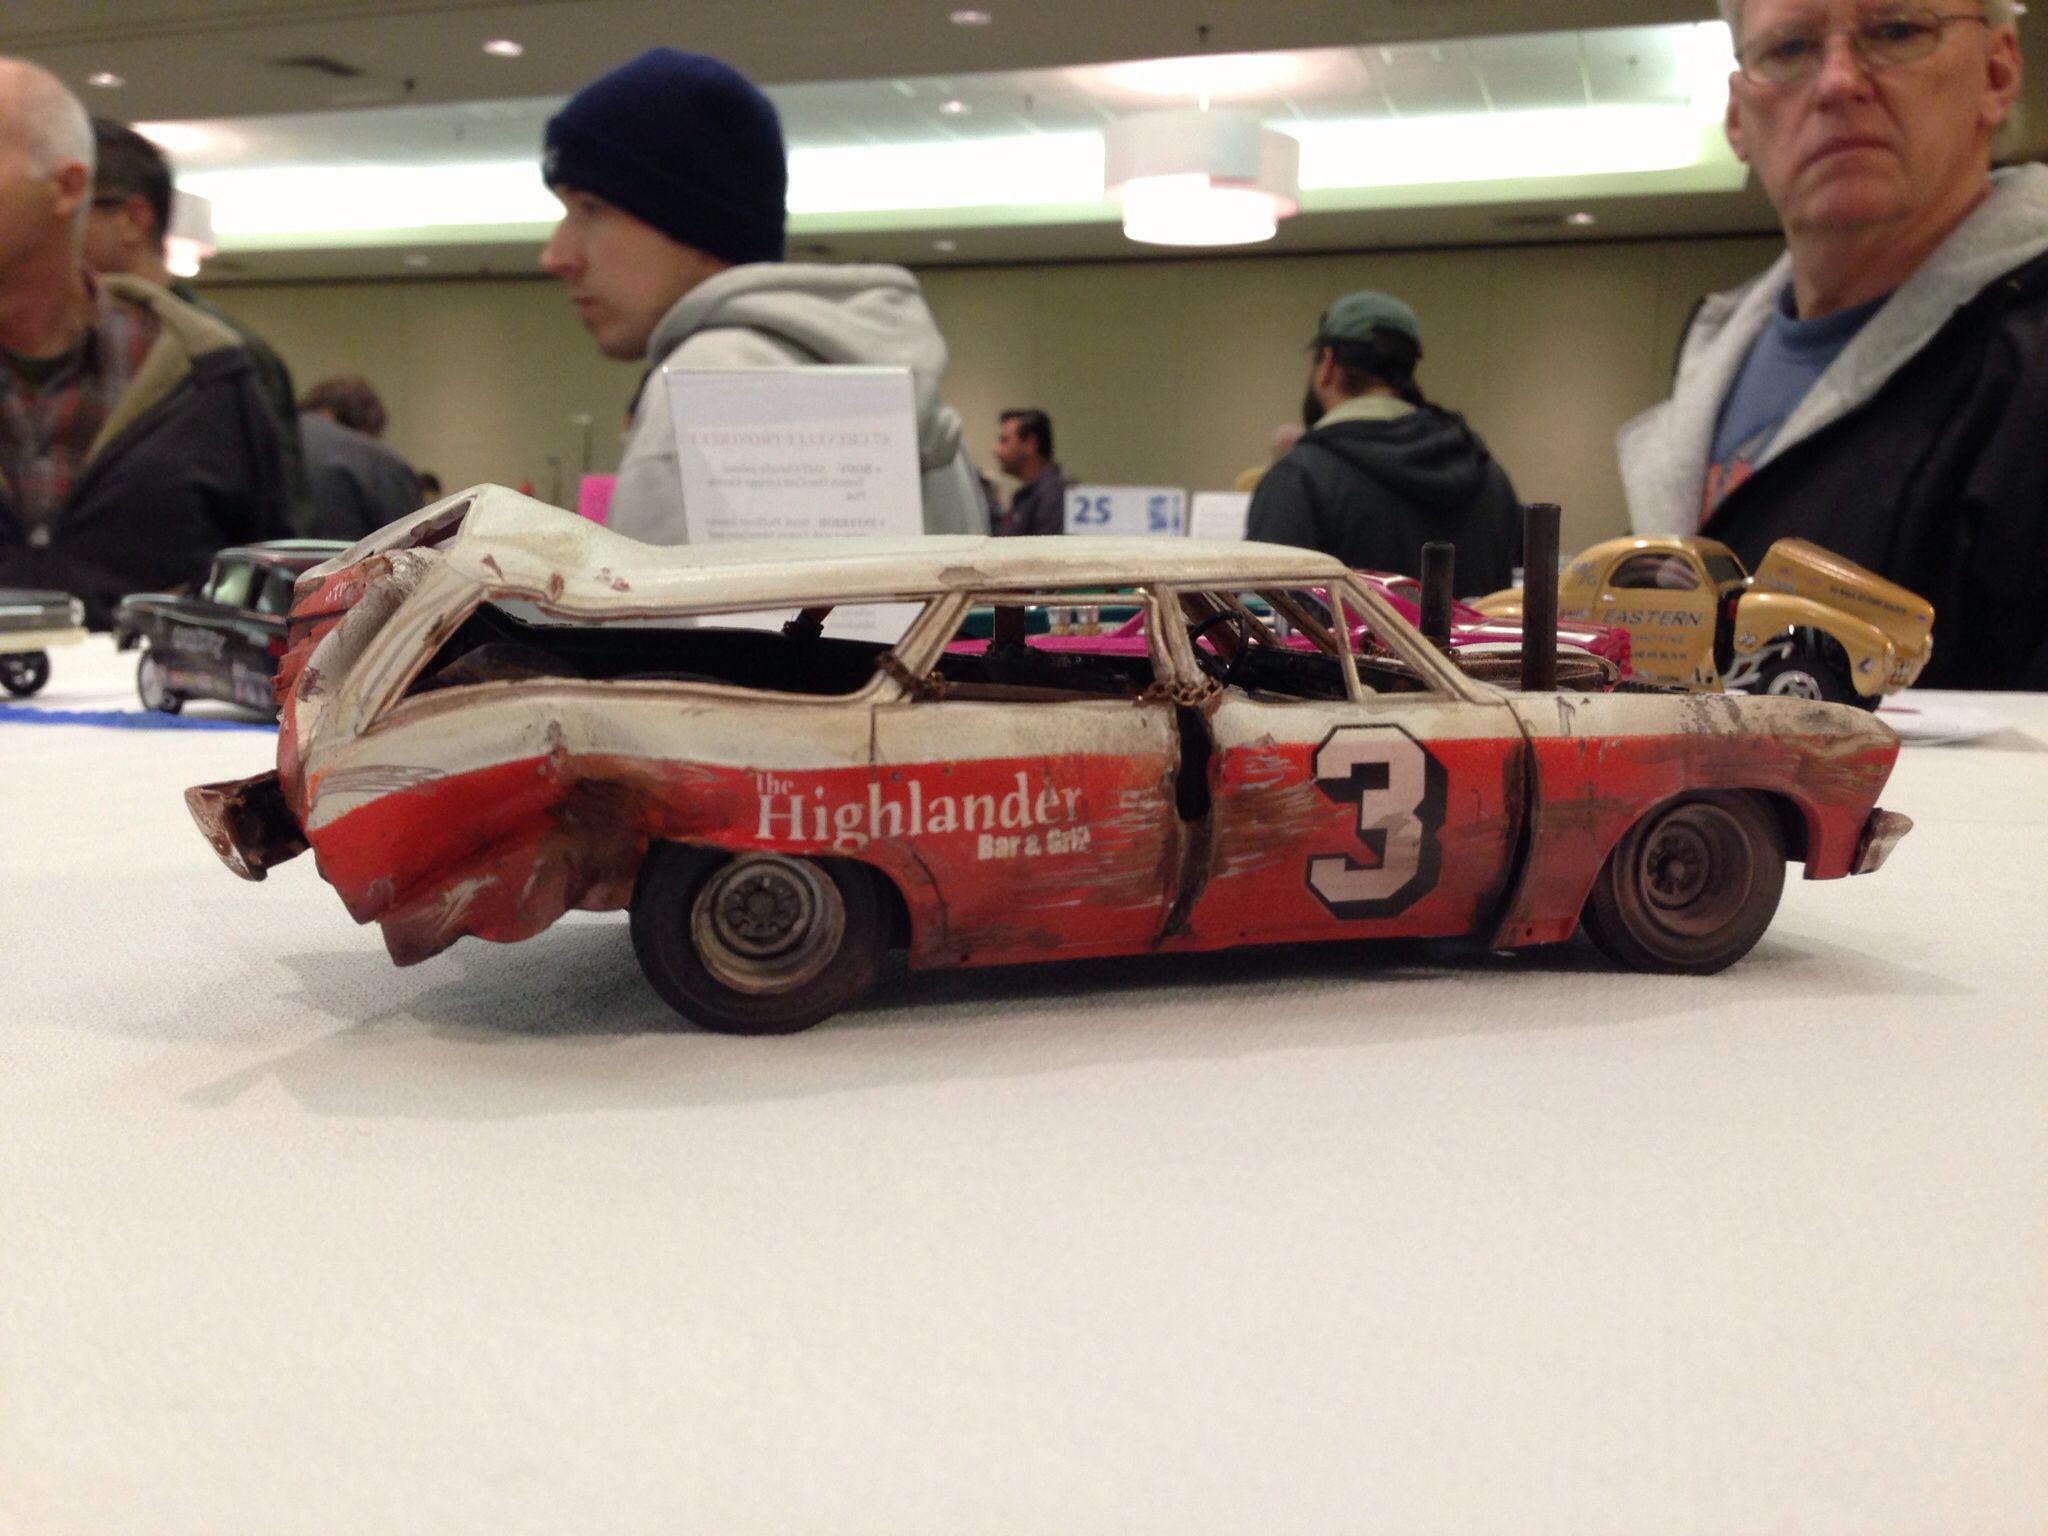 Building Demolition Derby Car : Demolition derby plastic model cars pinterest